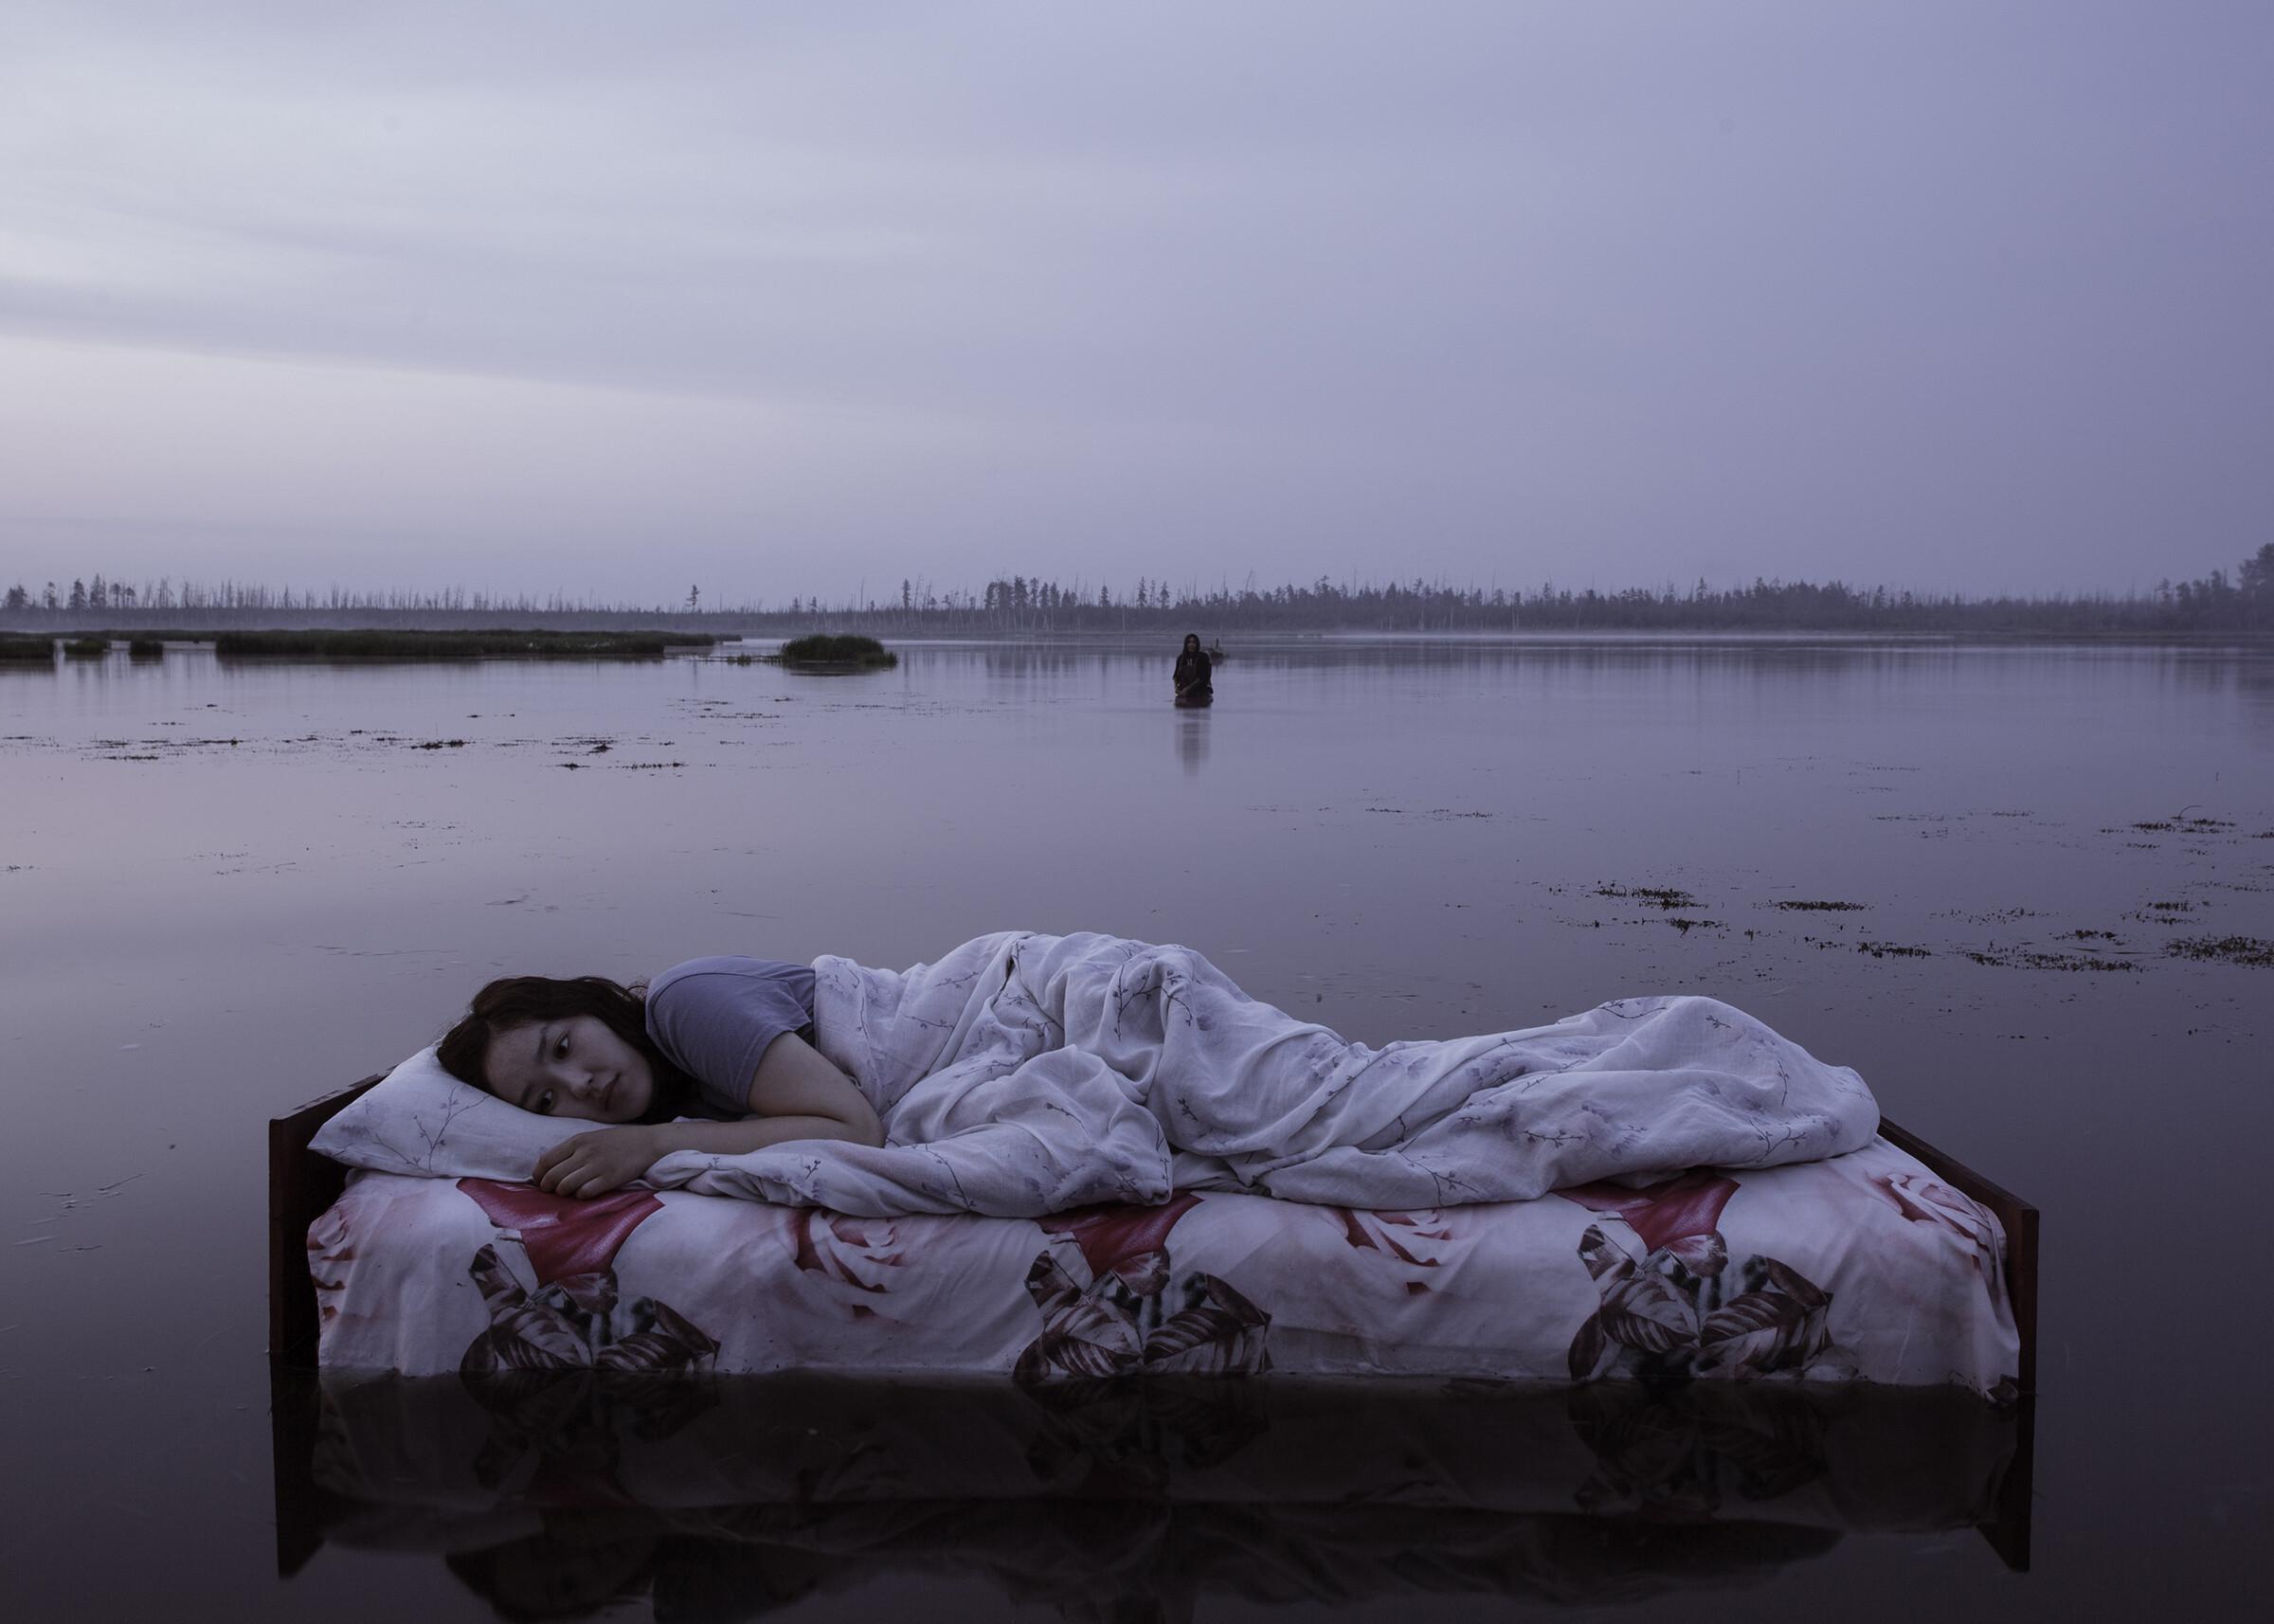 Кровать на озере. Из сцены сновидения главной героини мистической драмы «Проклятая земля». Фотограф Алексей Васильев